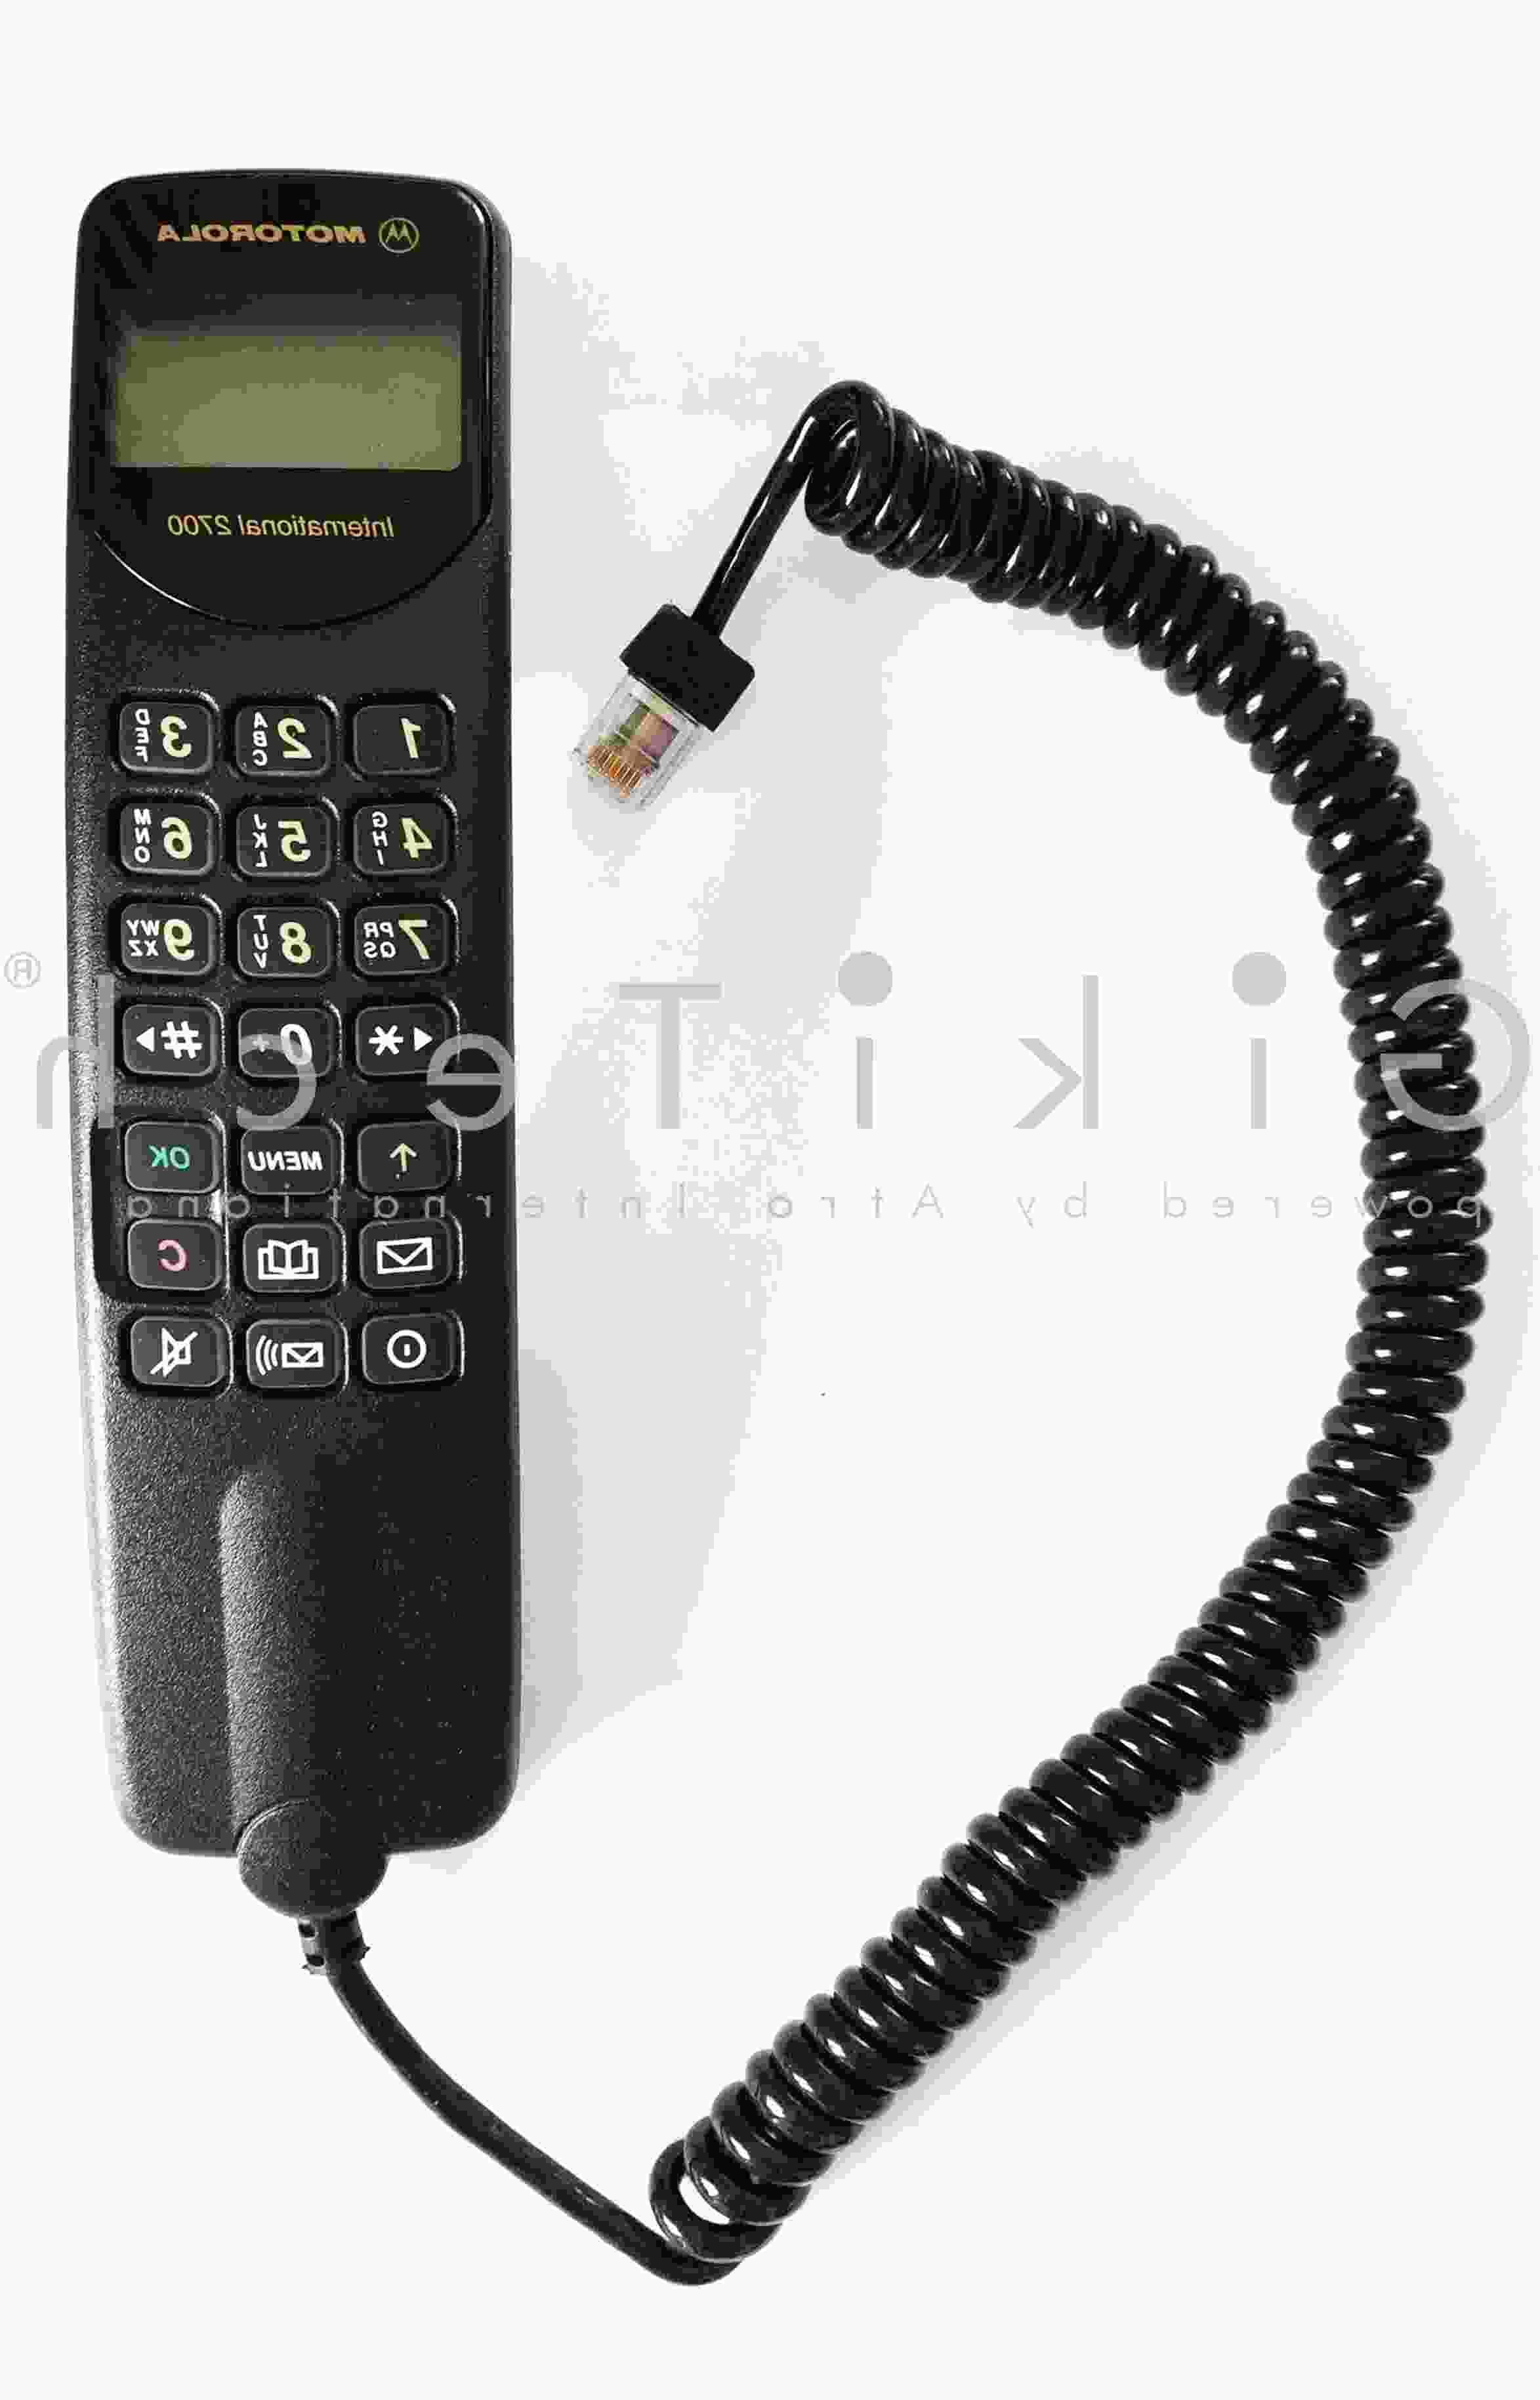 telefono veicolare motorola 2700 usato